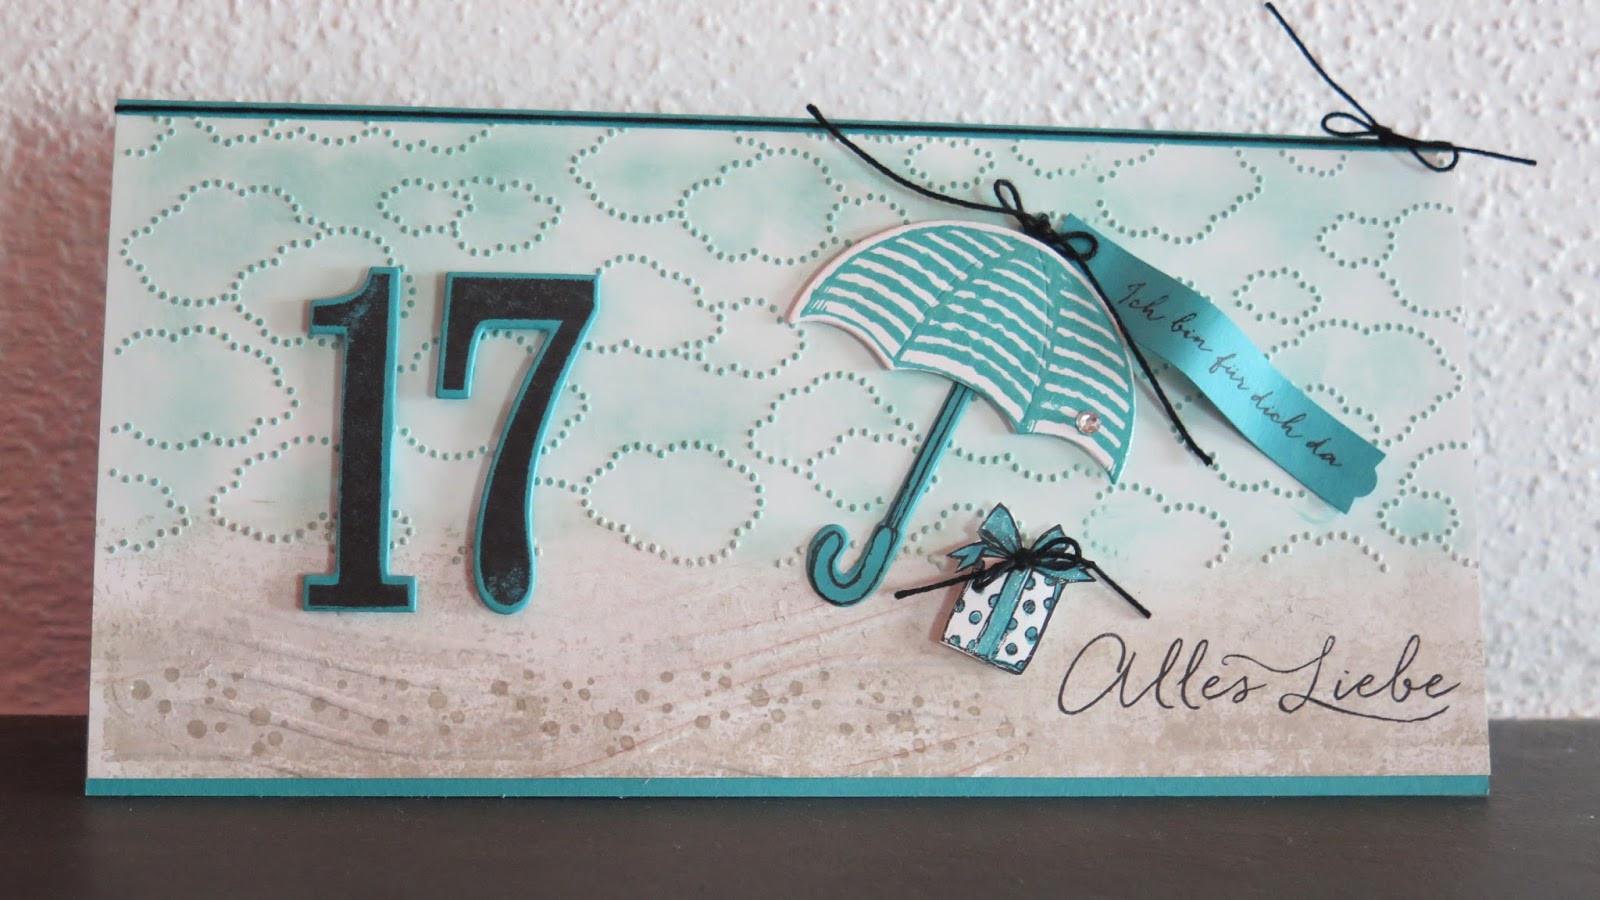 Geburtstagsgedichte Zum 17 Geburtstag  Stempelnixe Karte und Geschenk zum 17 Geburtstag unseres